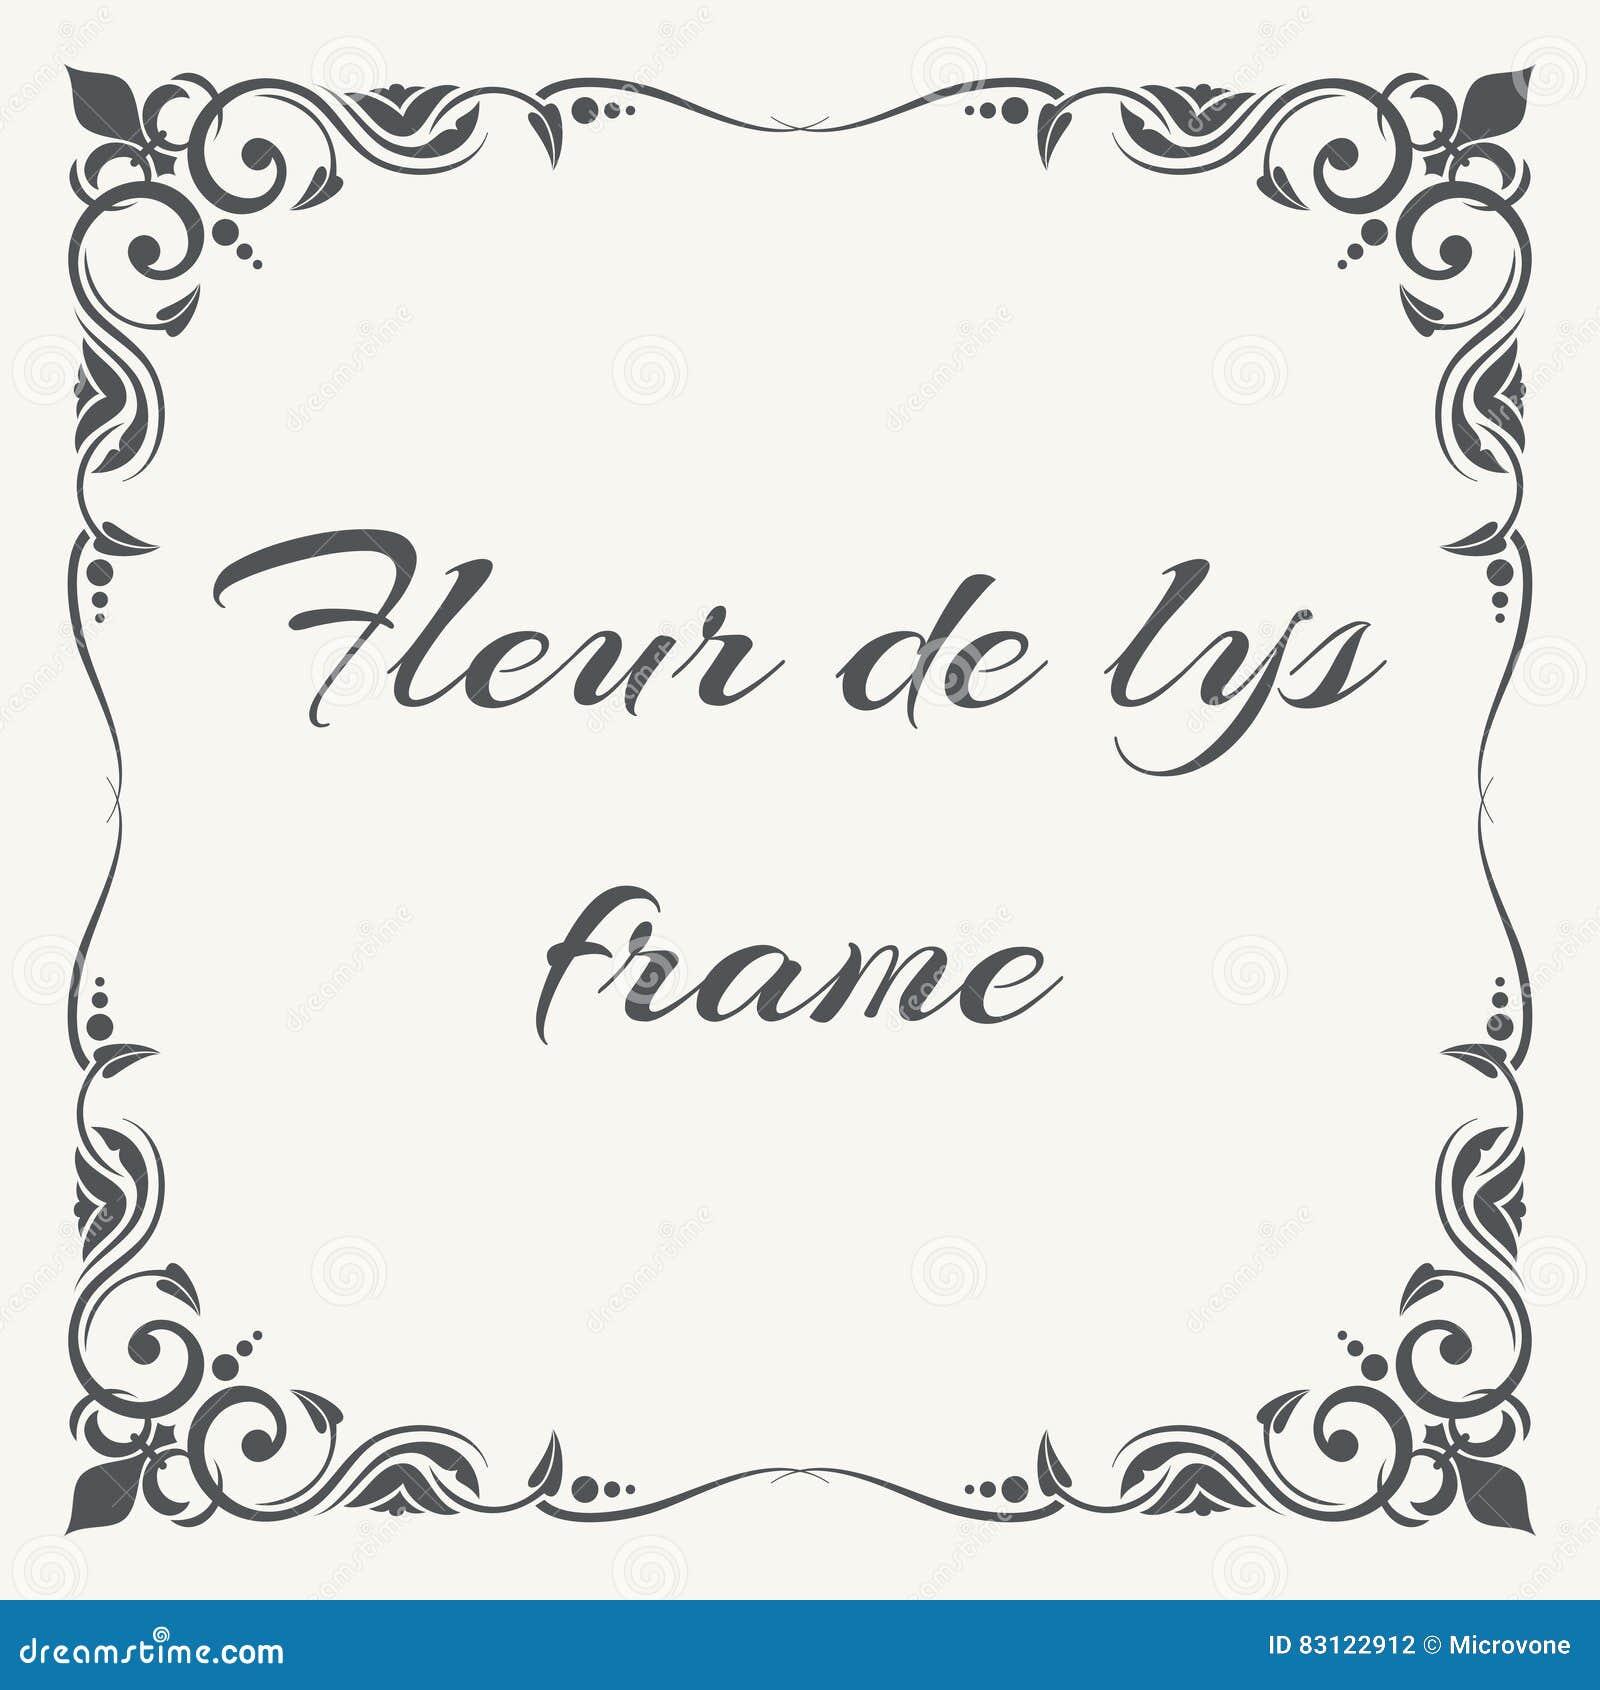 Fleur De Lys Ornate Frame White Background Stock Vector